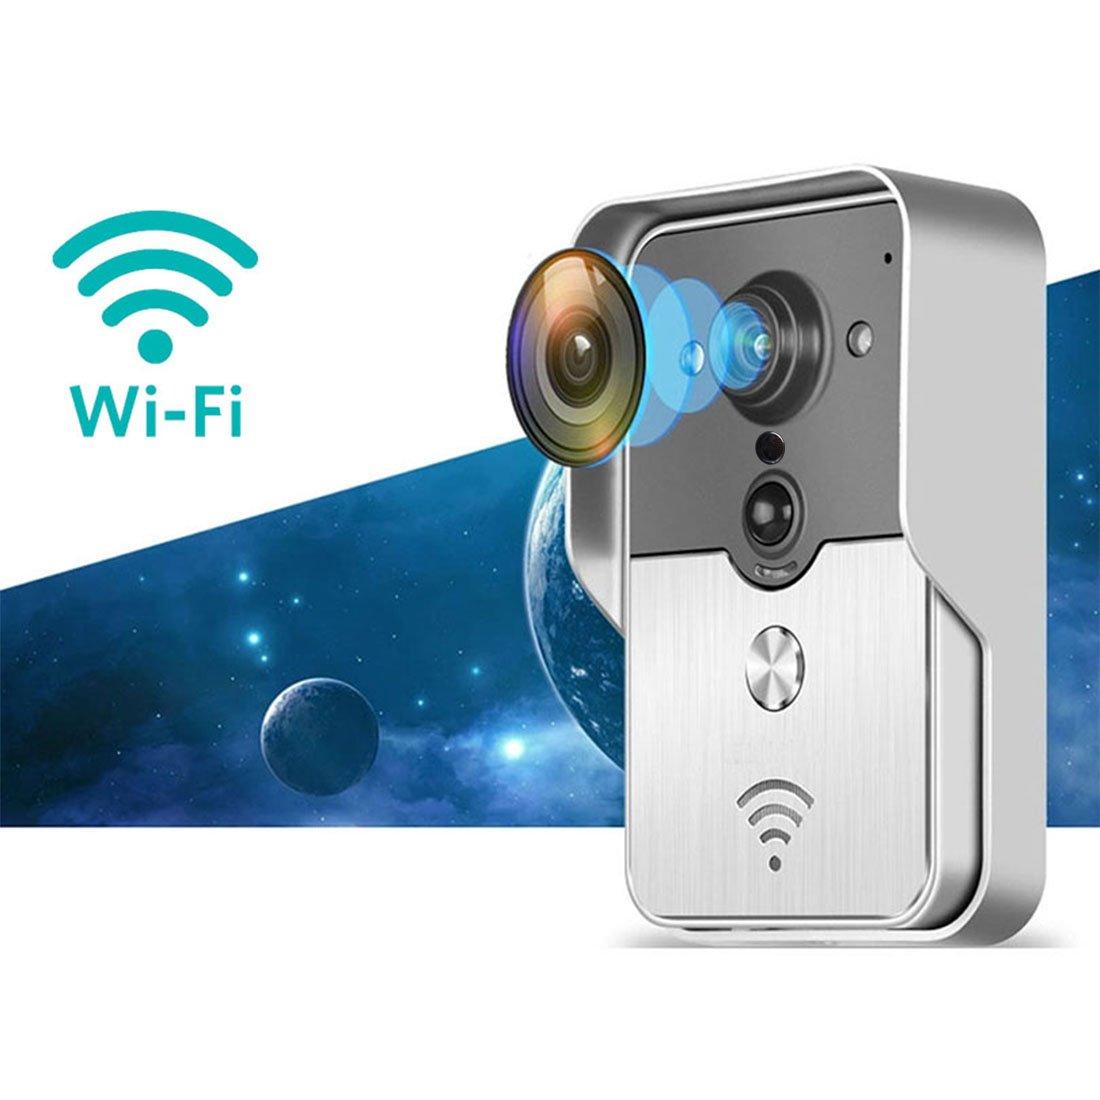 Intercomunicador videoportero inalámbrico WiFi Toguard, detector de movimiento por infrarrojos, hermético, admite App iOS y Android, apertura desde teléfono ...